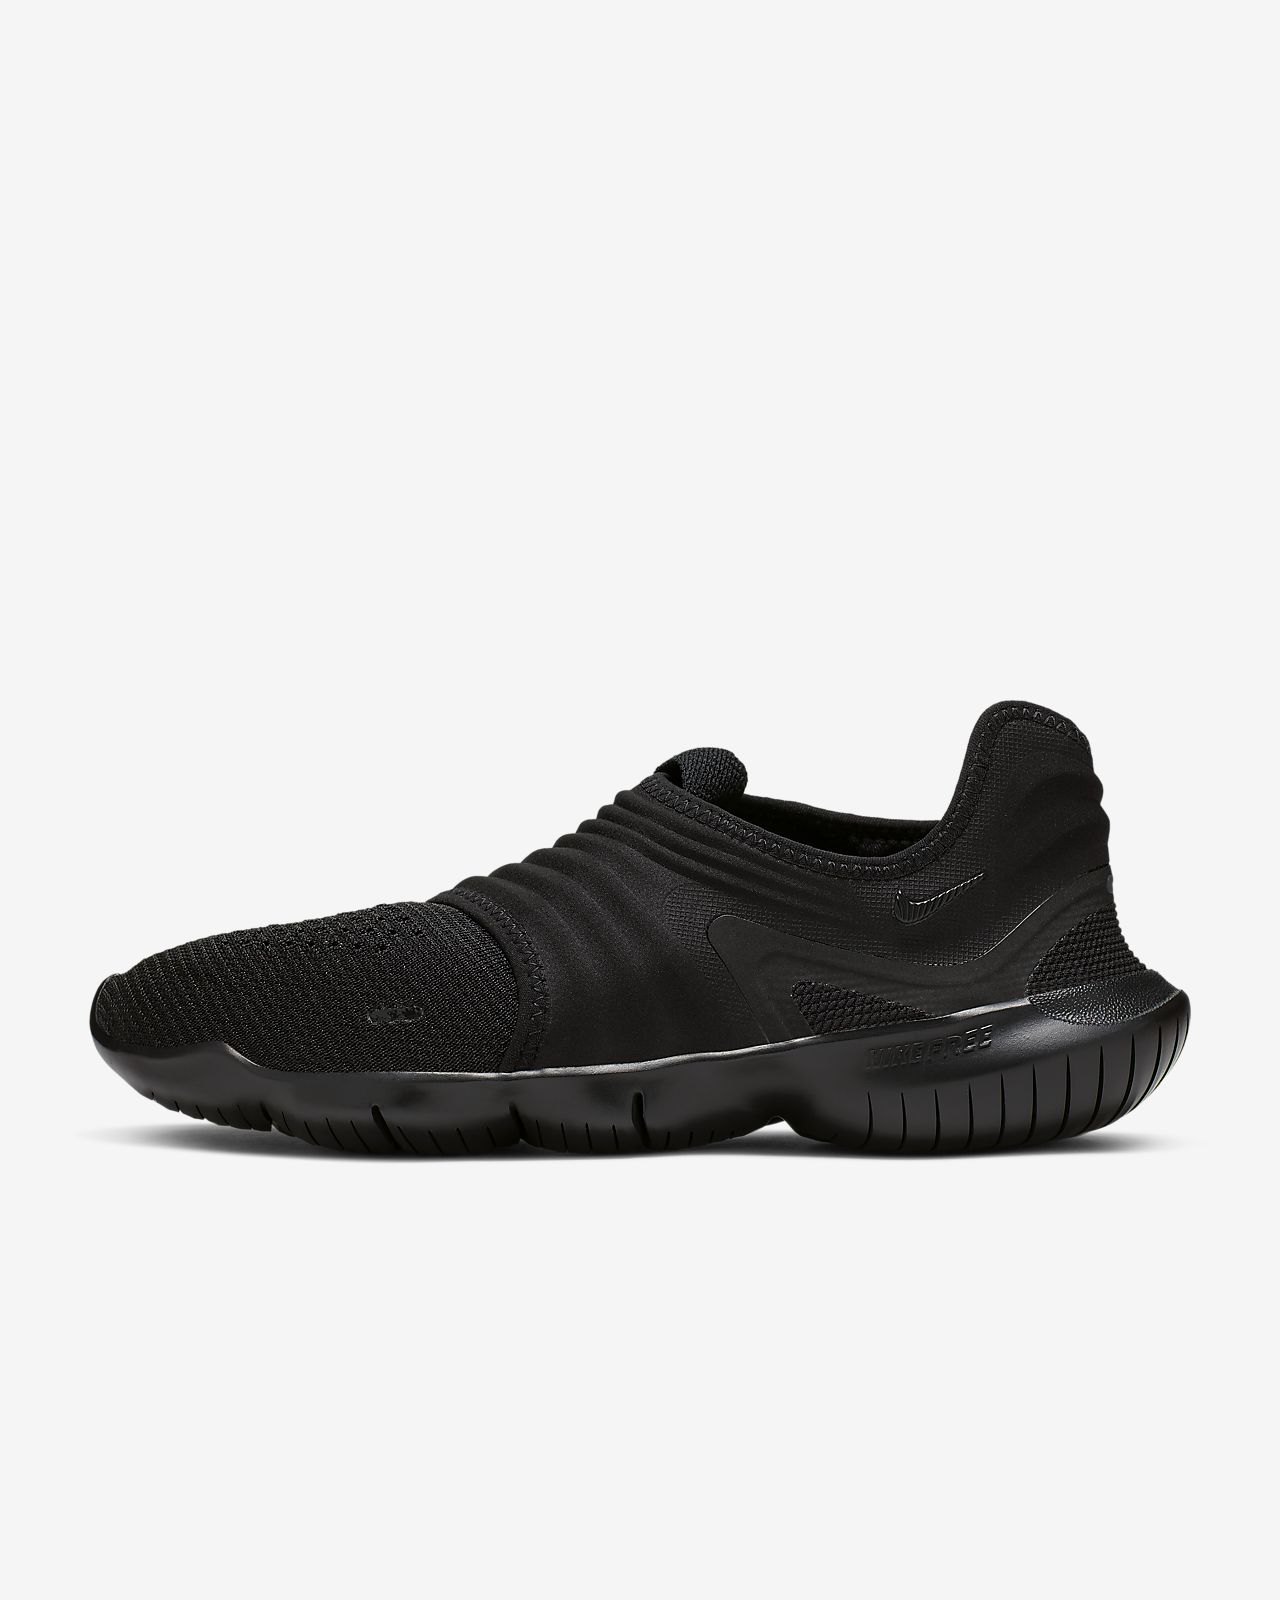 Pánská běžecká bota Nike Free RN Flyknit 3.0